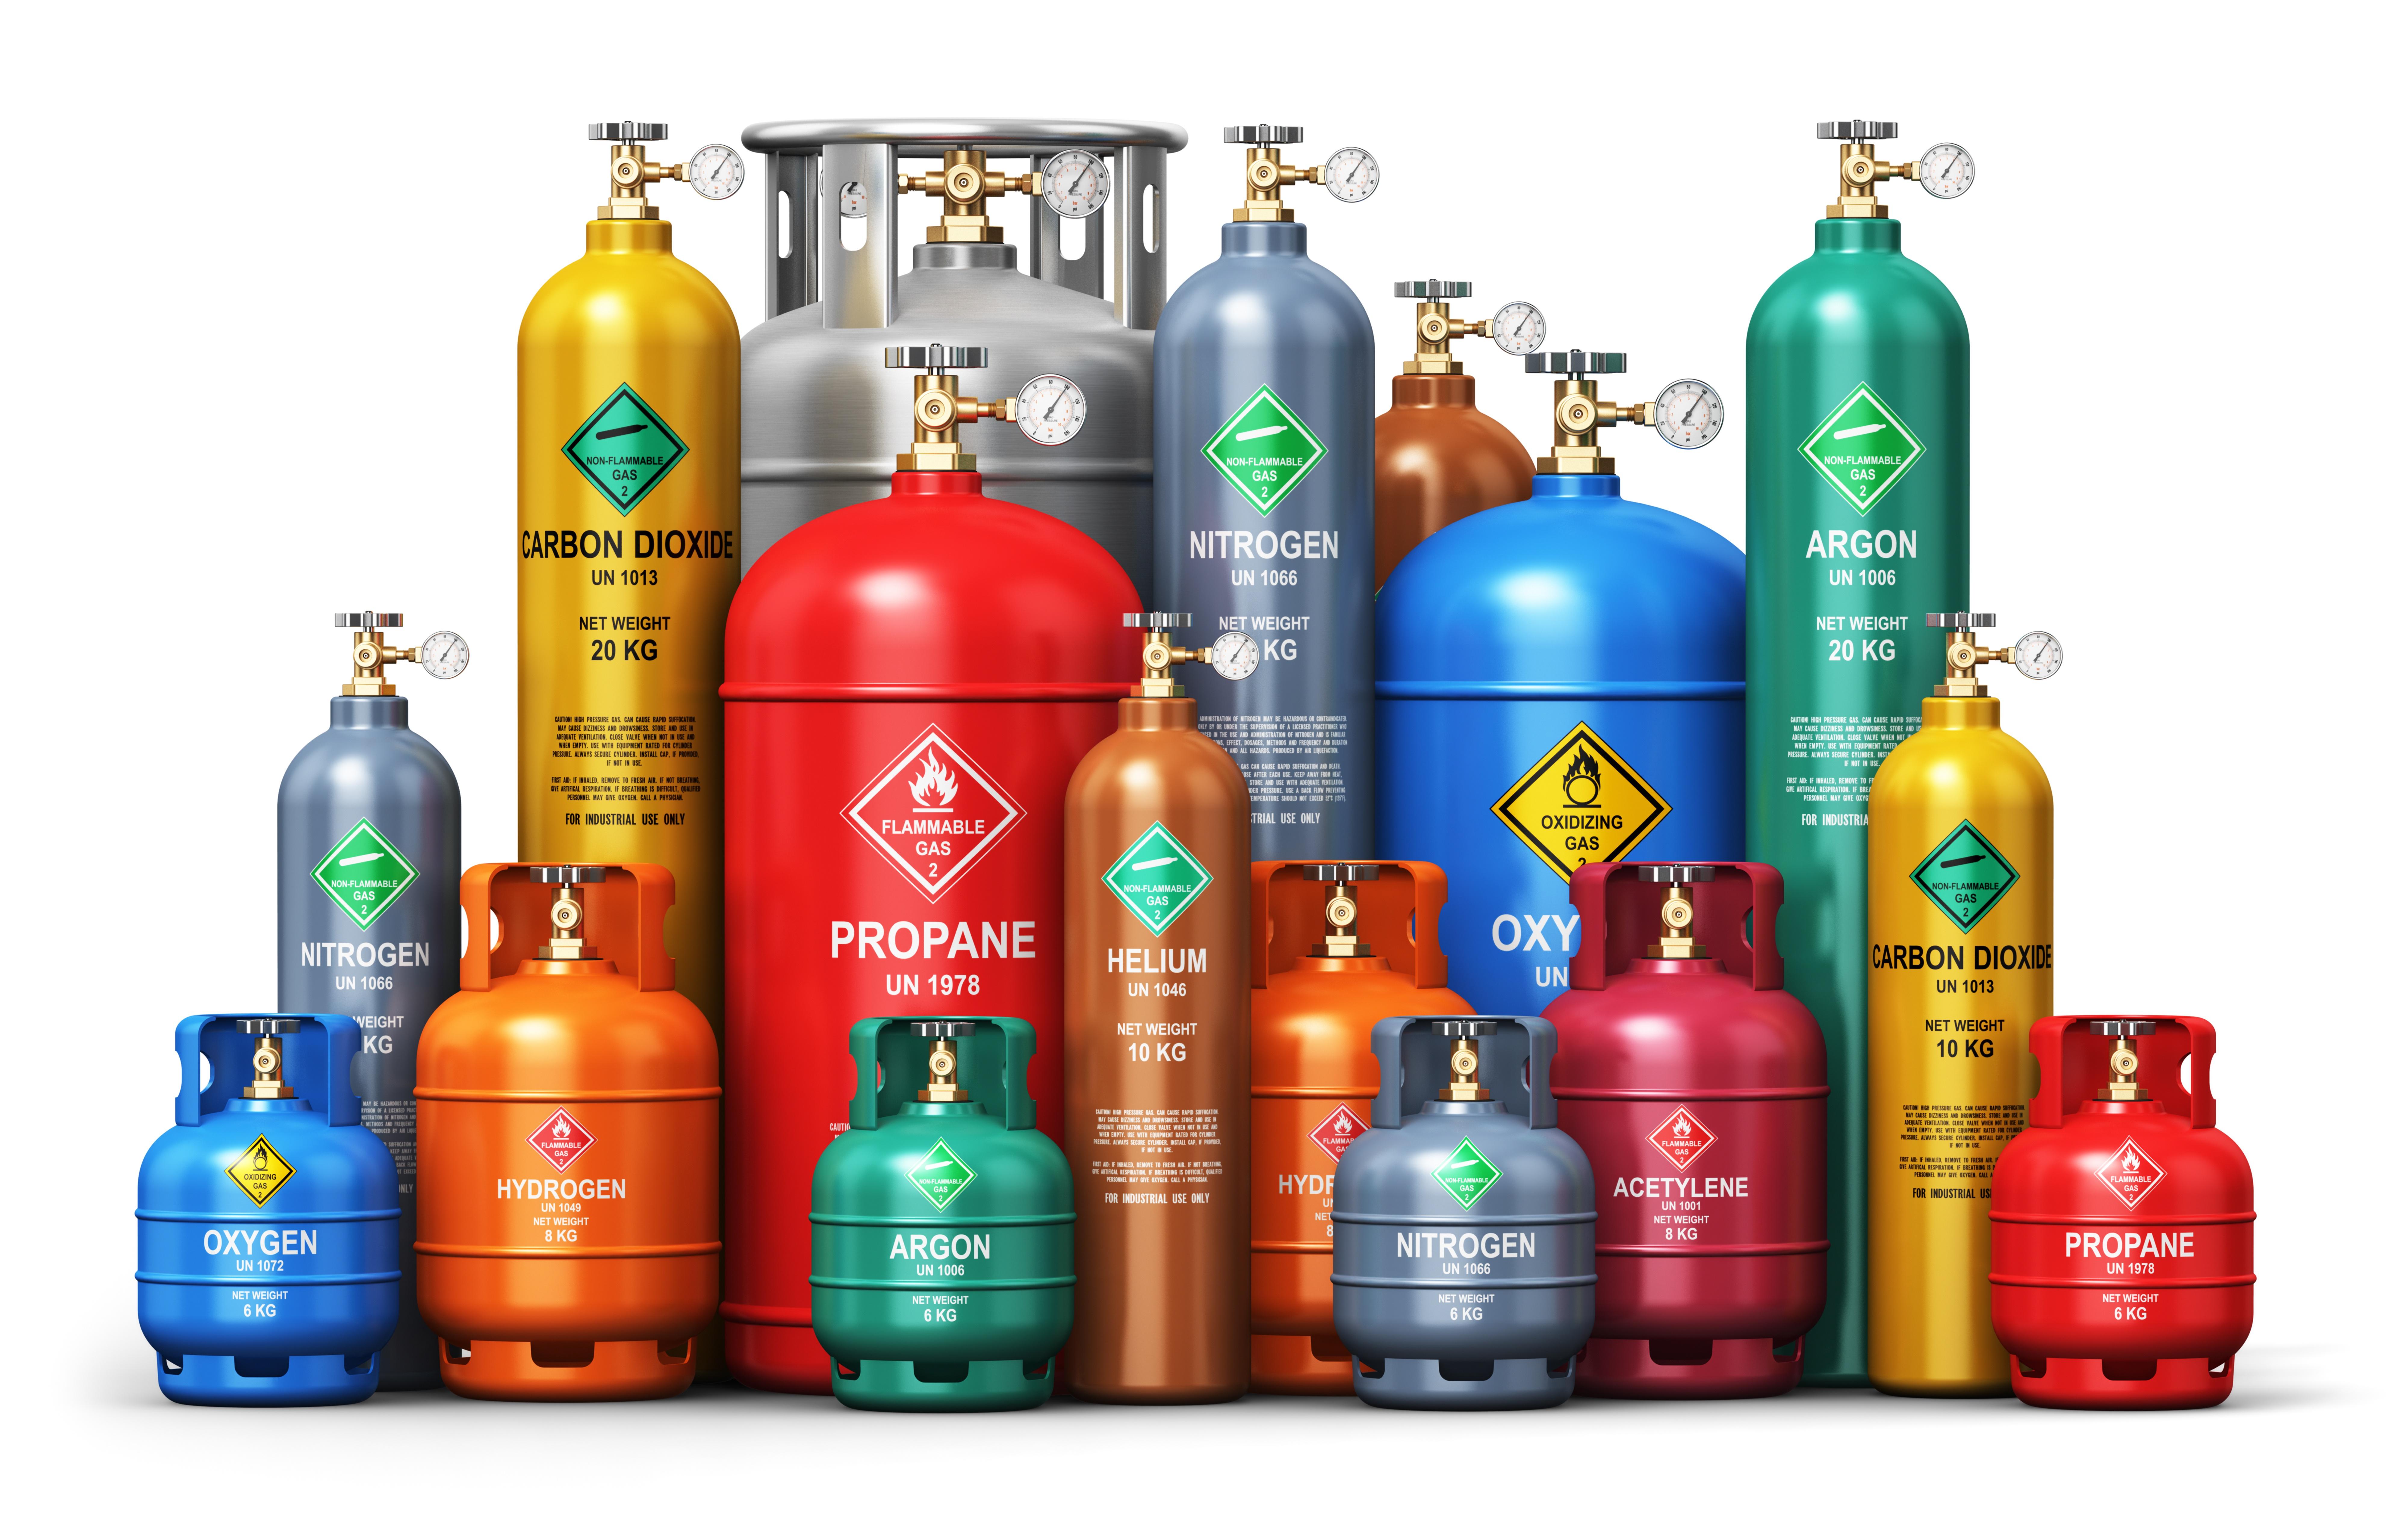 Газ, баллоны. Эксплуатация, транспортирование, хранение баллонов со сжатыми, сжиженными и растворенными под давлением газами